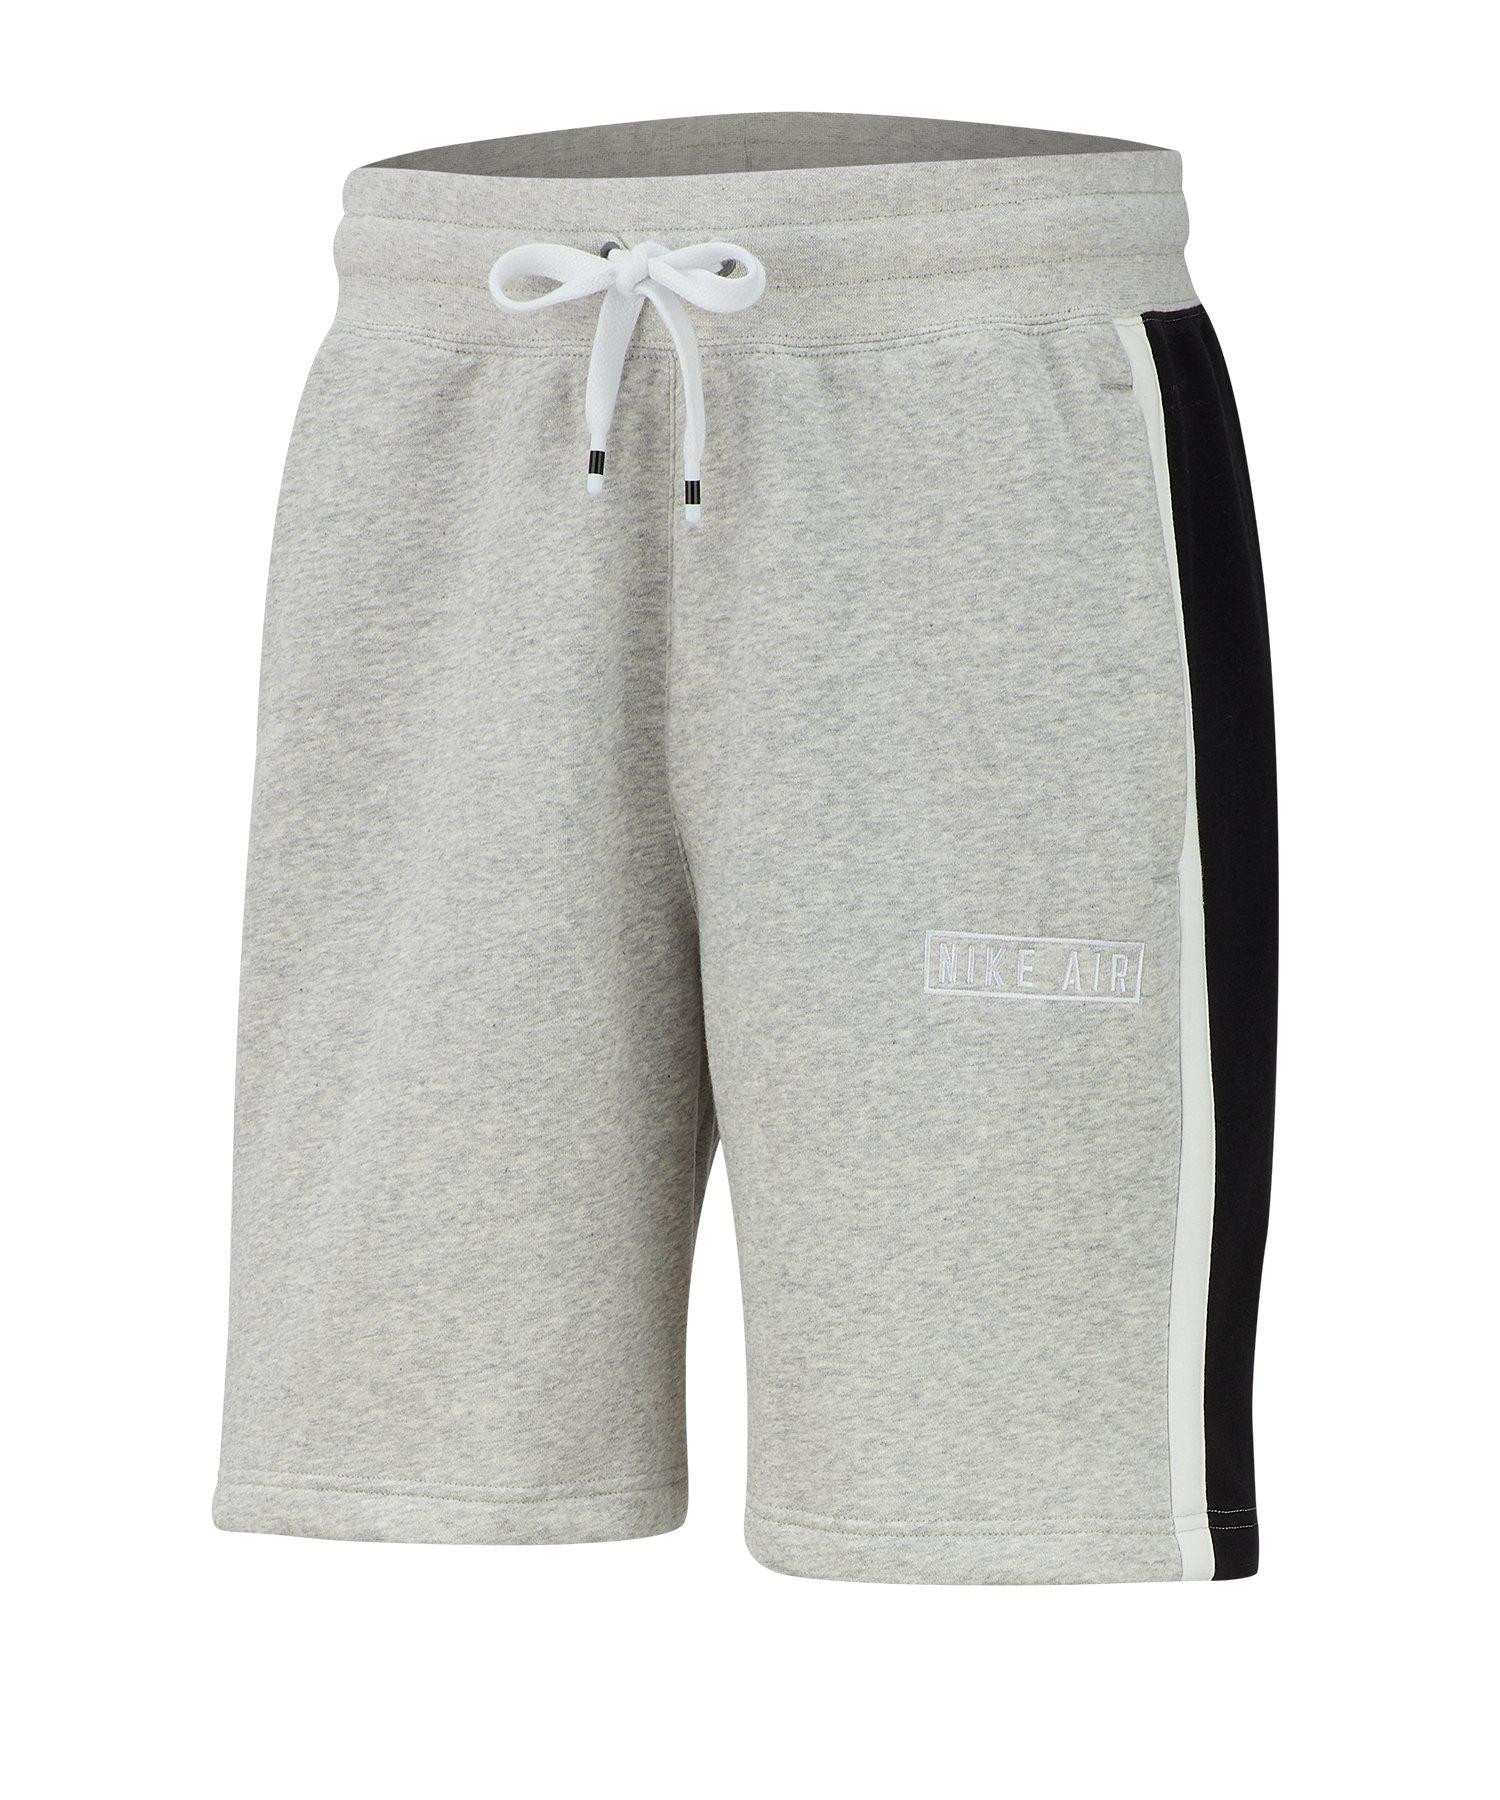 Nike Air Casual Short Grau F050 - grau